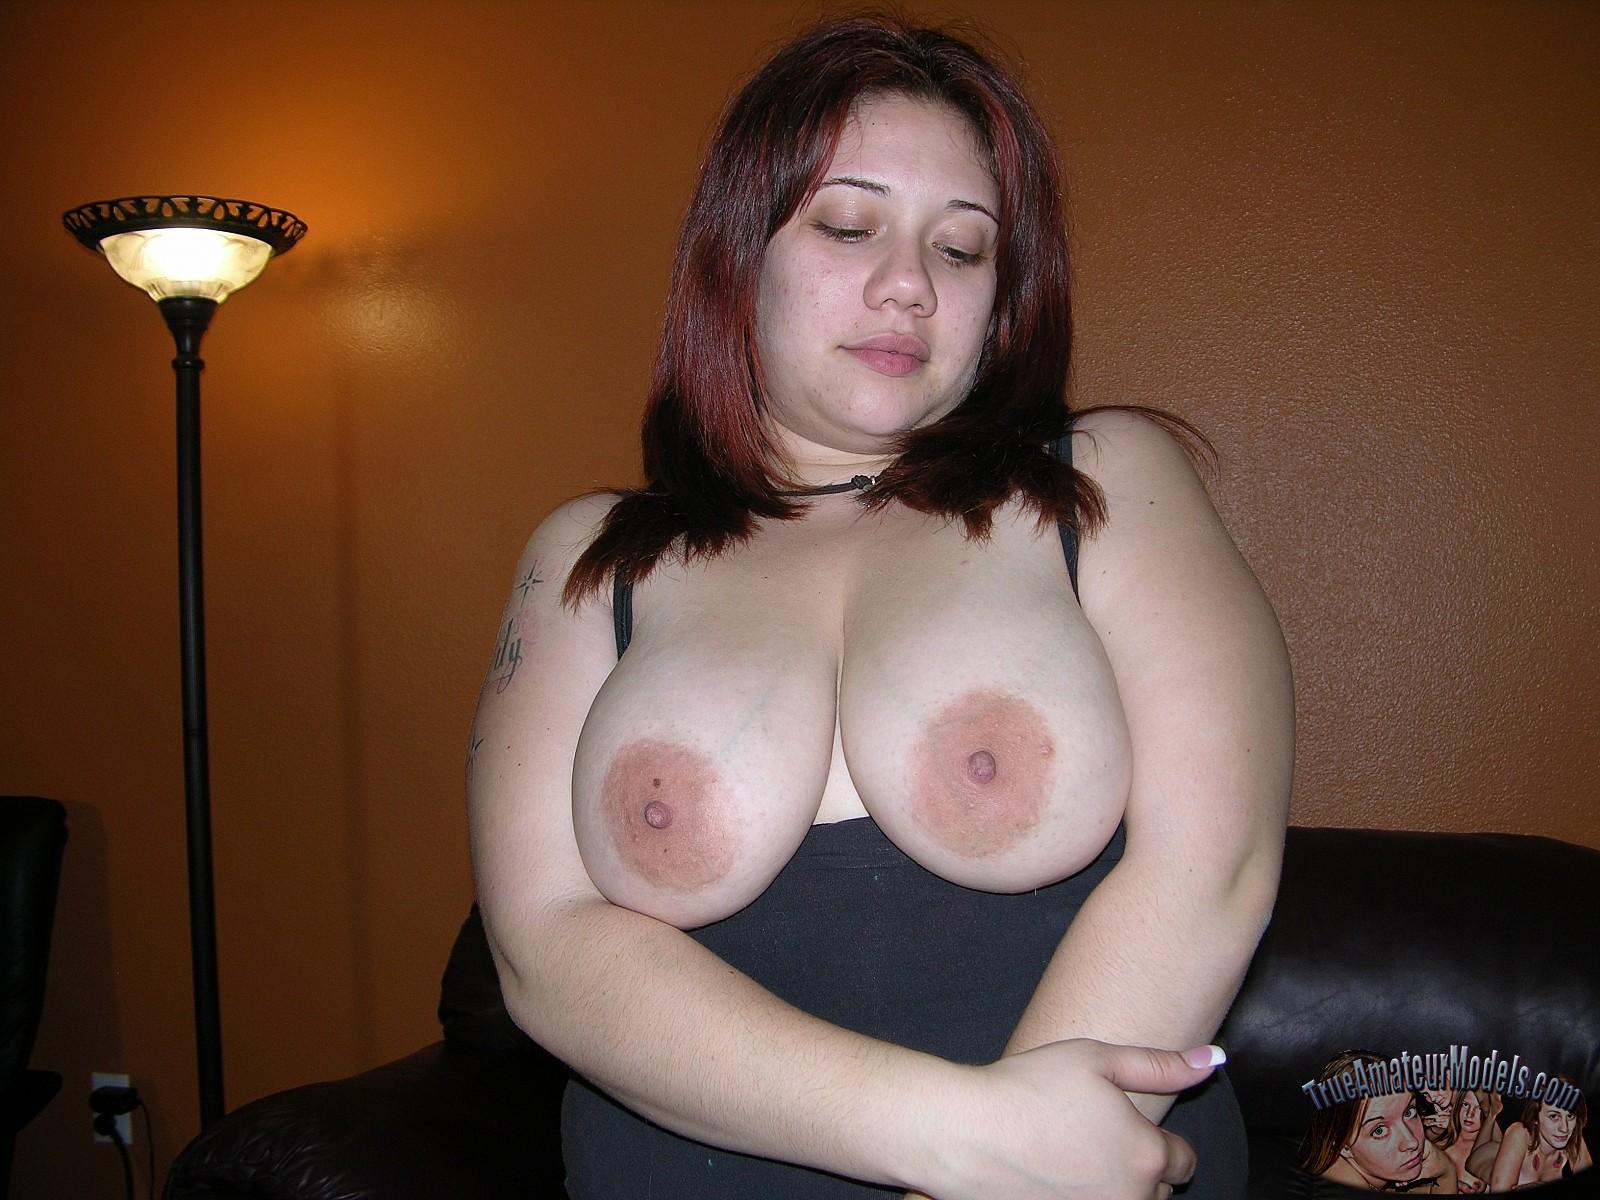 Giselle latina interracial sex